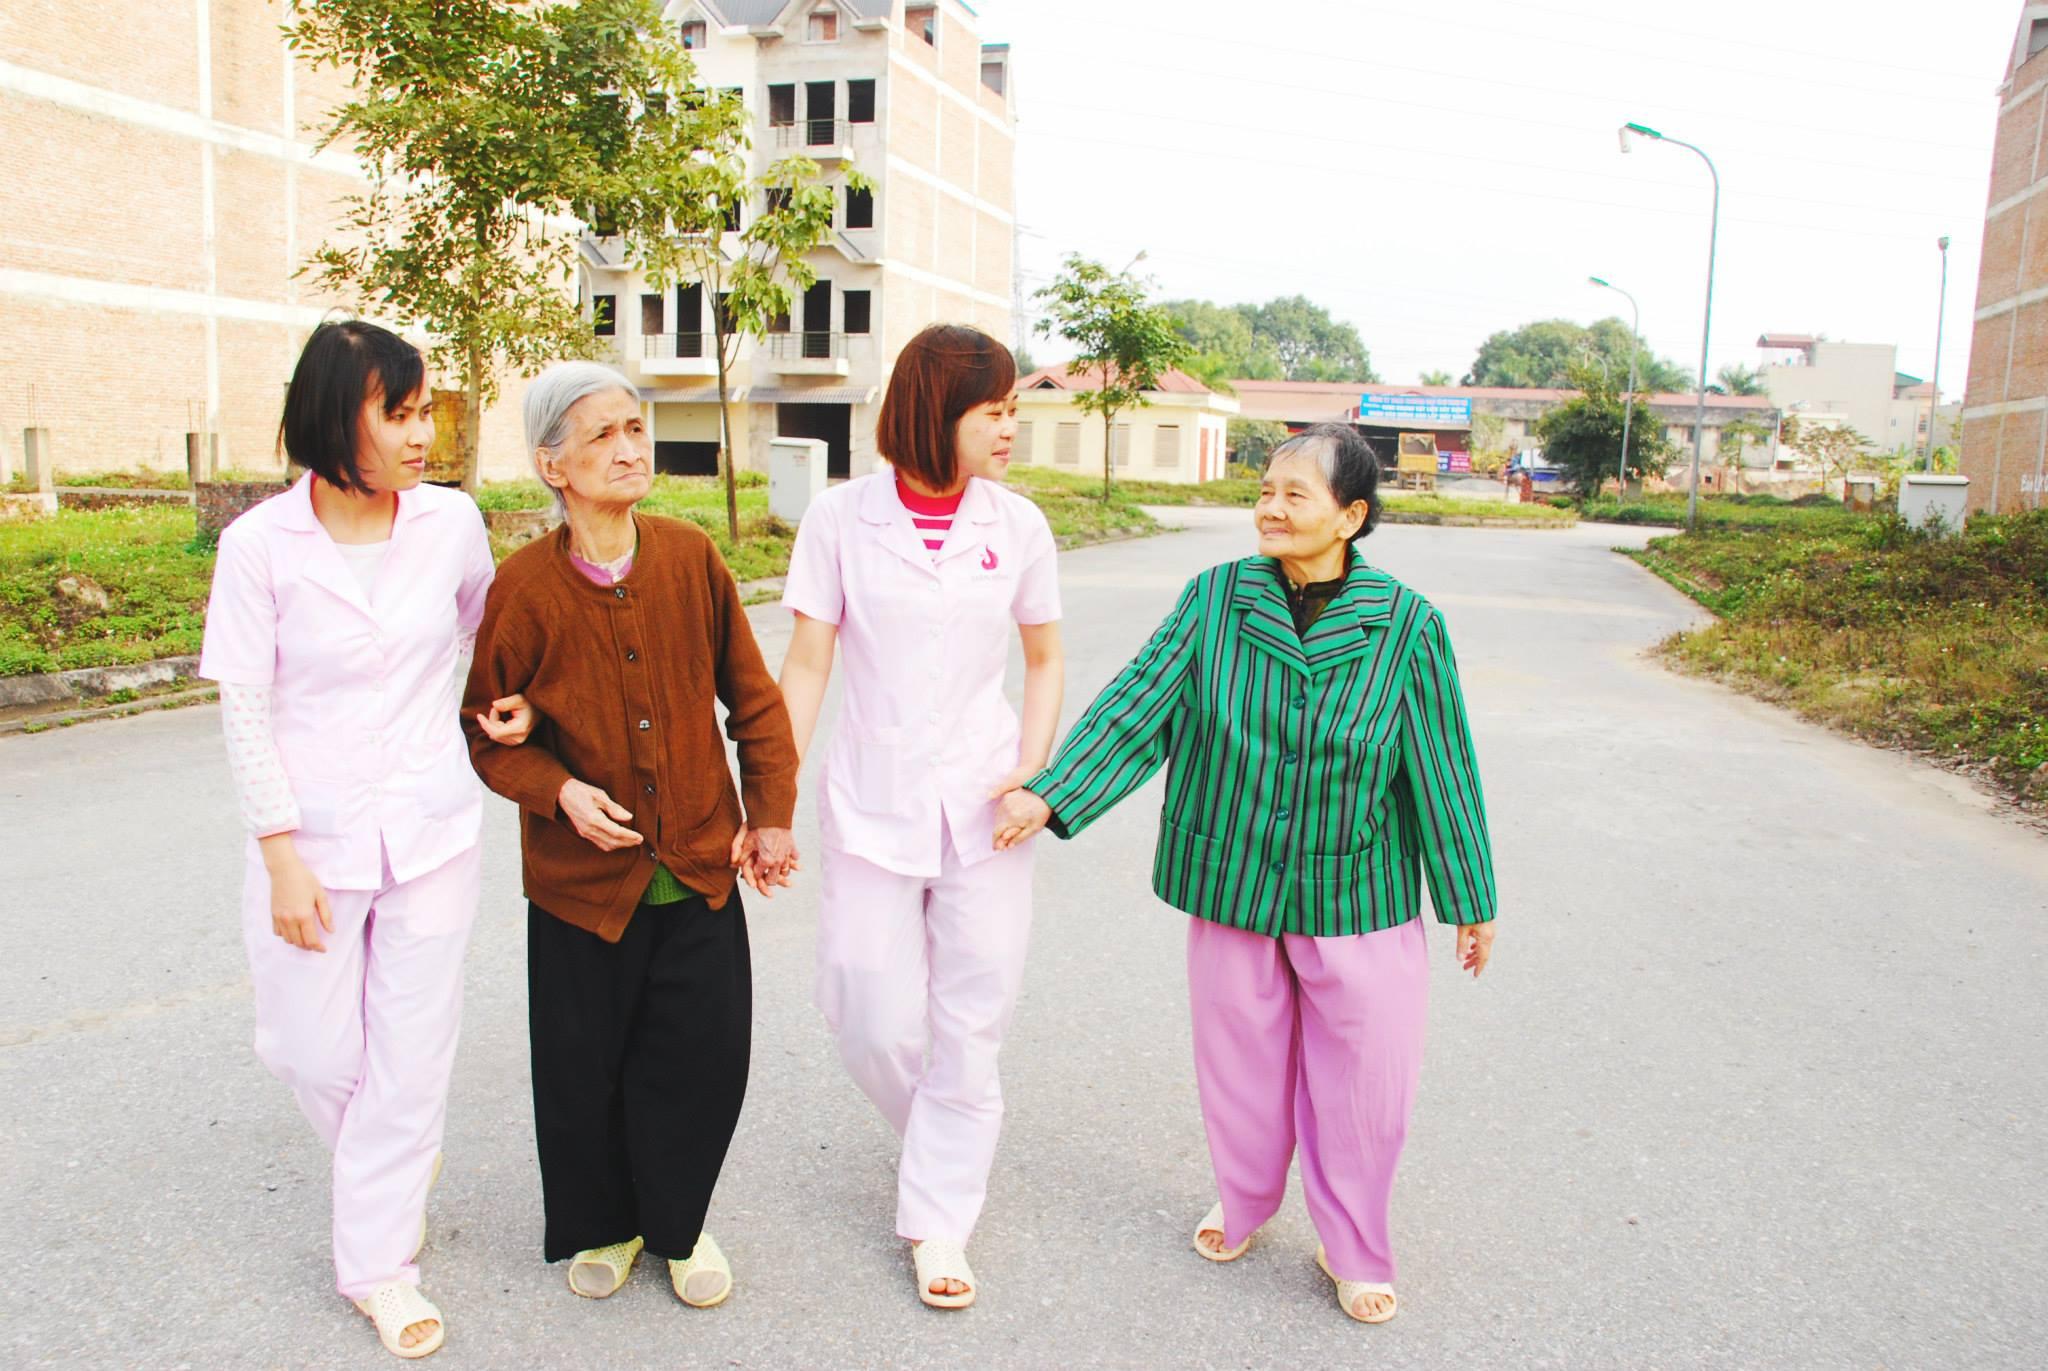 Những điều bạn cần biết để chuẩn bị cho việc chăm sóc cha mẹ khi về già - Ảnh 3.